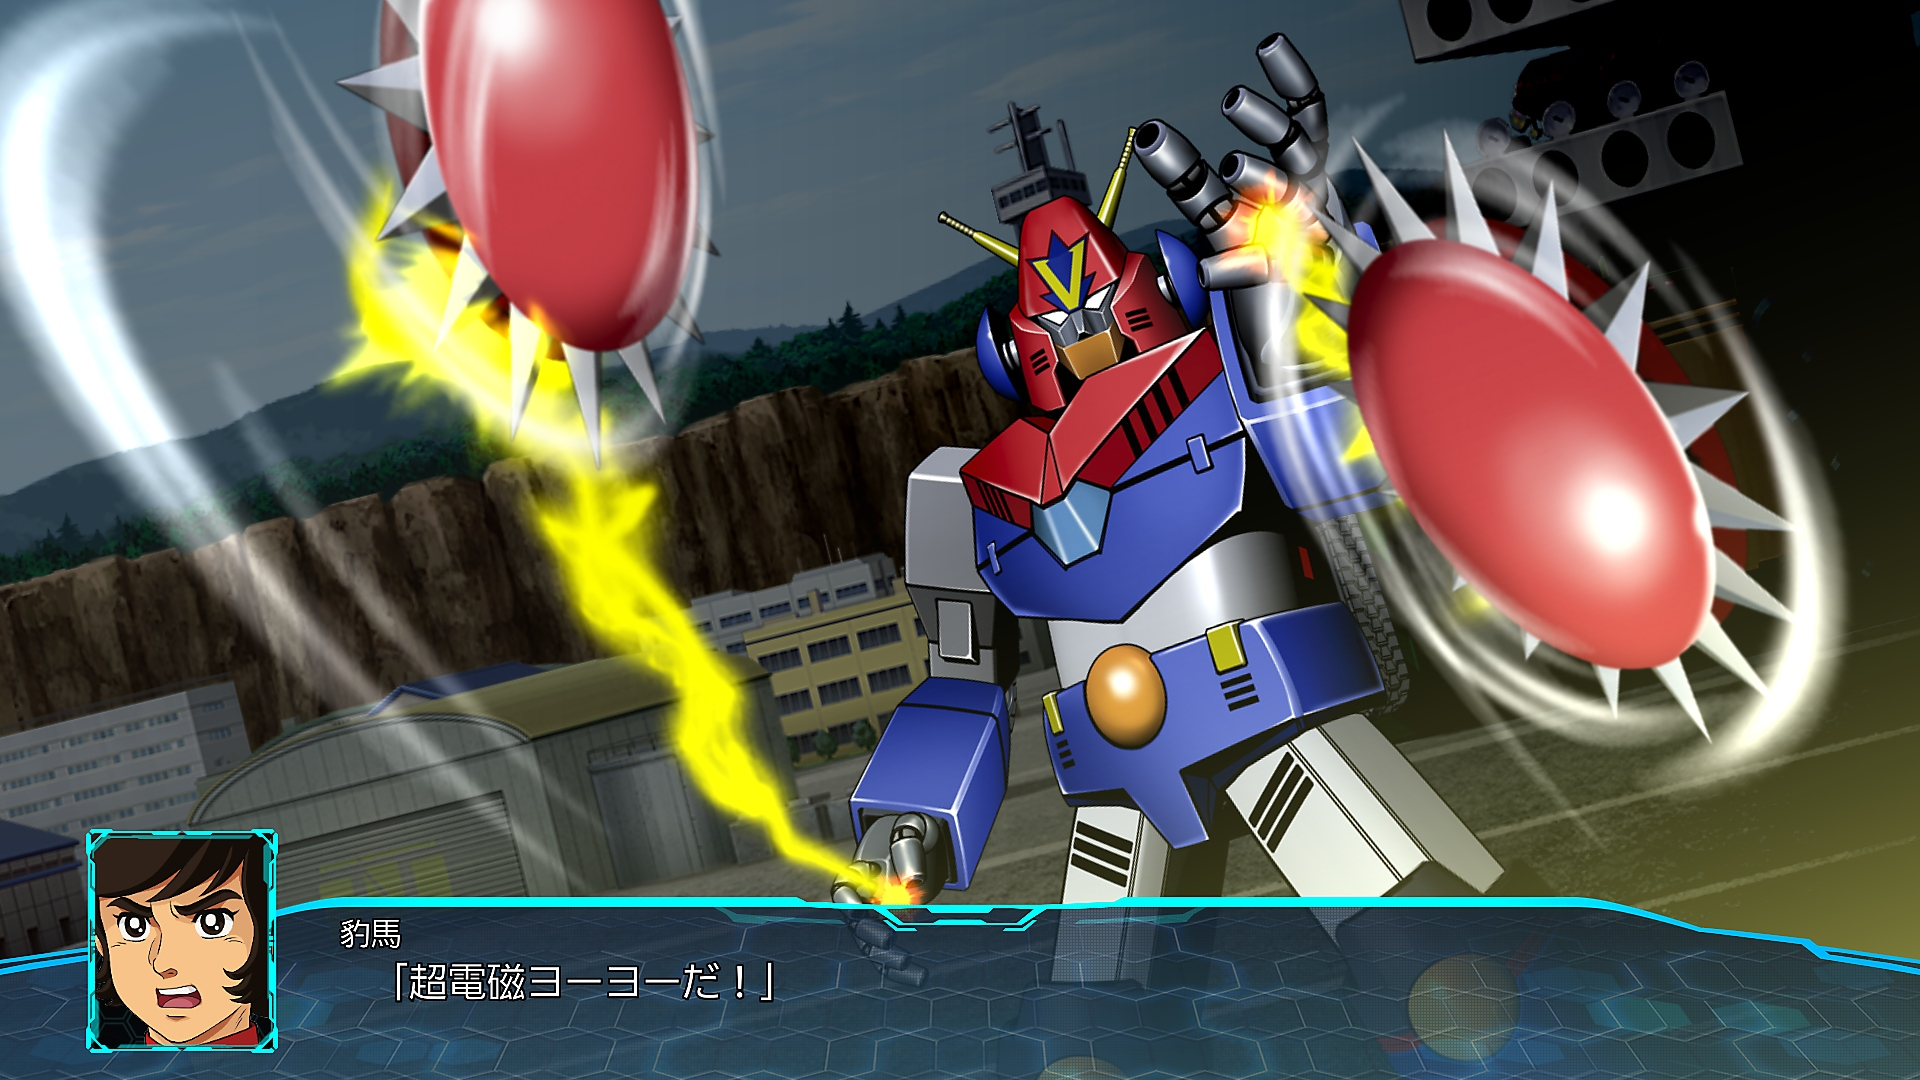 スーパーロボット大戦30 - Gallery Screenshot 1